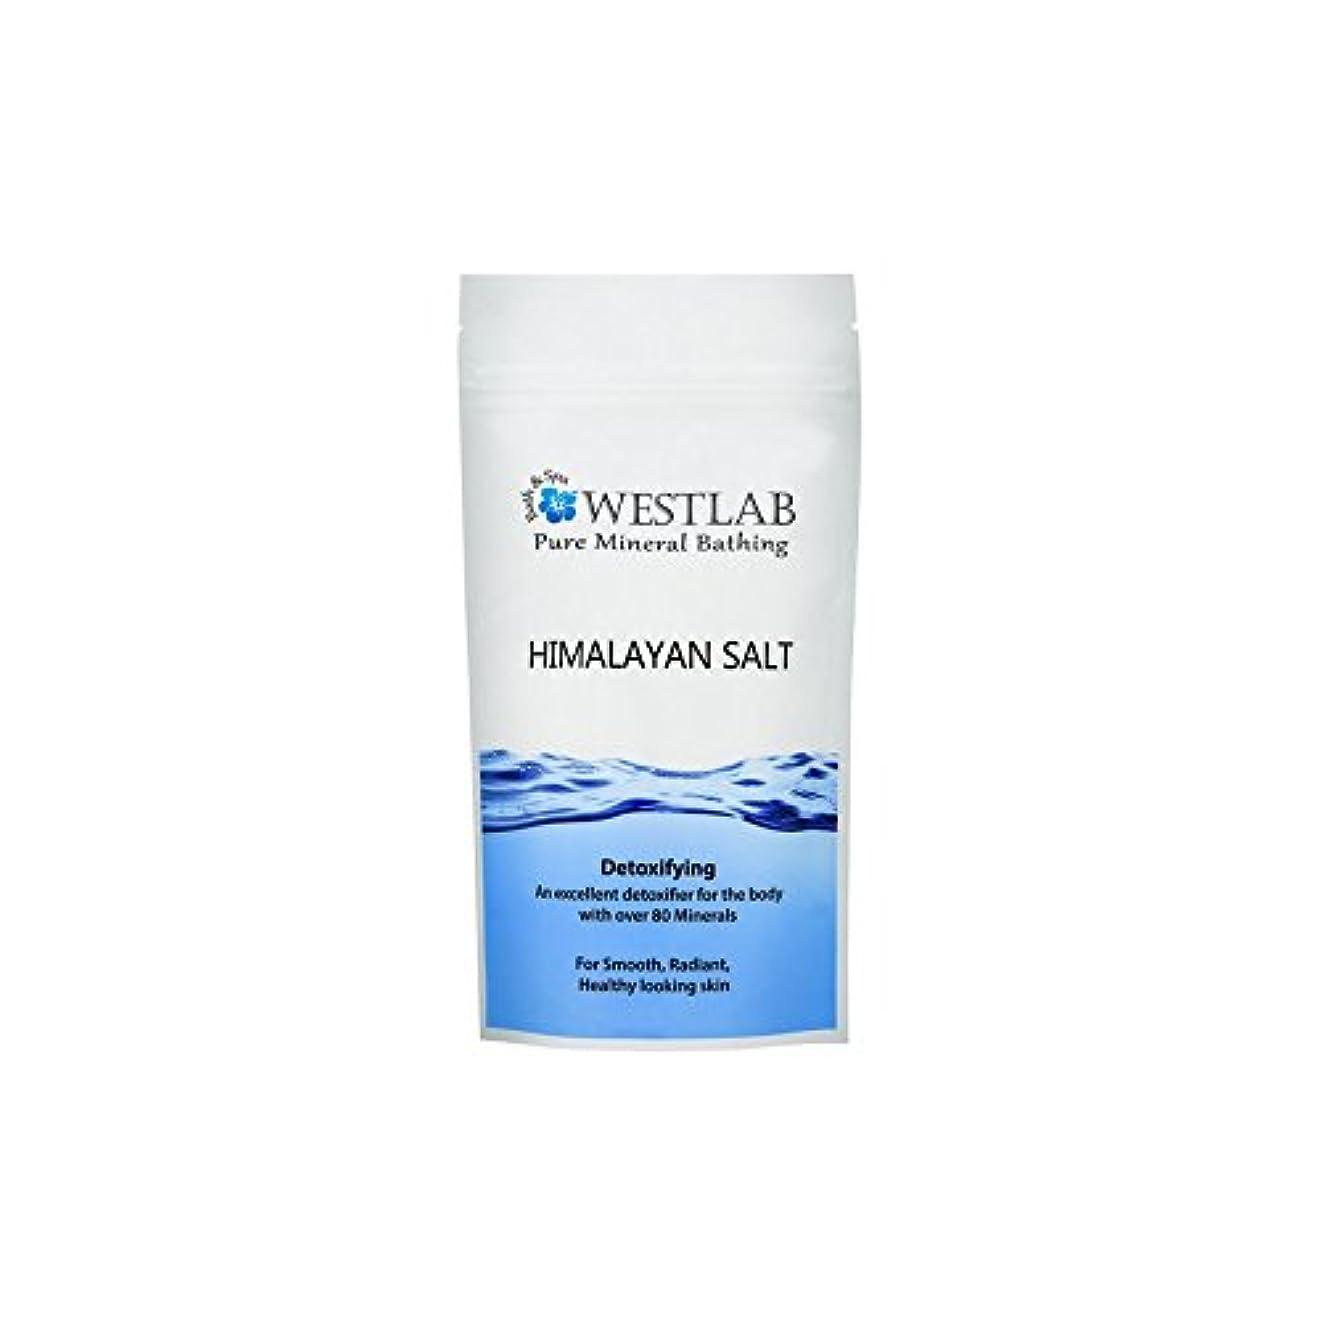 お別れ丁寧甘いヒマラヤの塩500グラム x2 - Westlab Himalayan Salt 500g (Pack of 2) [並行輸入品]